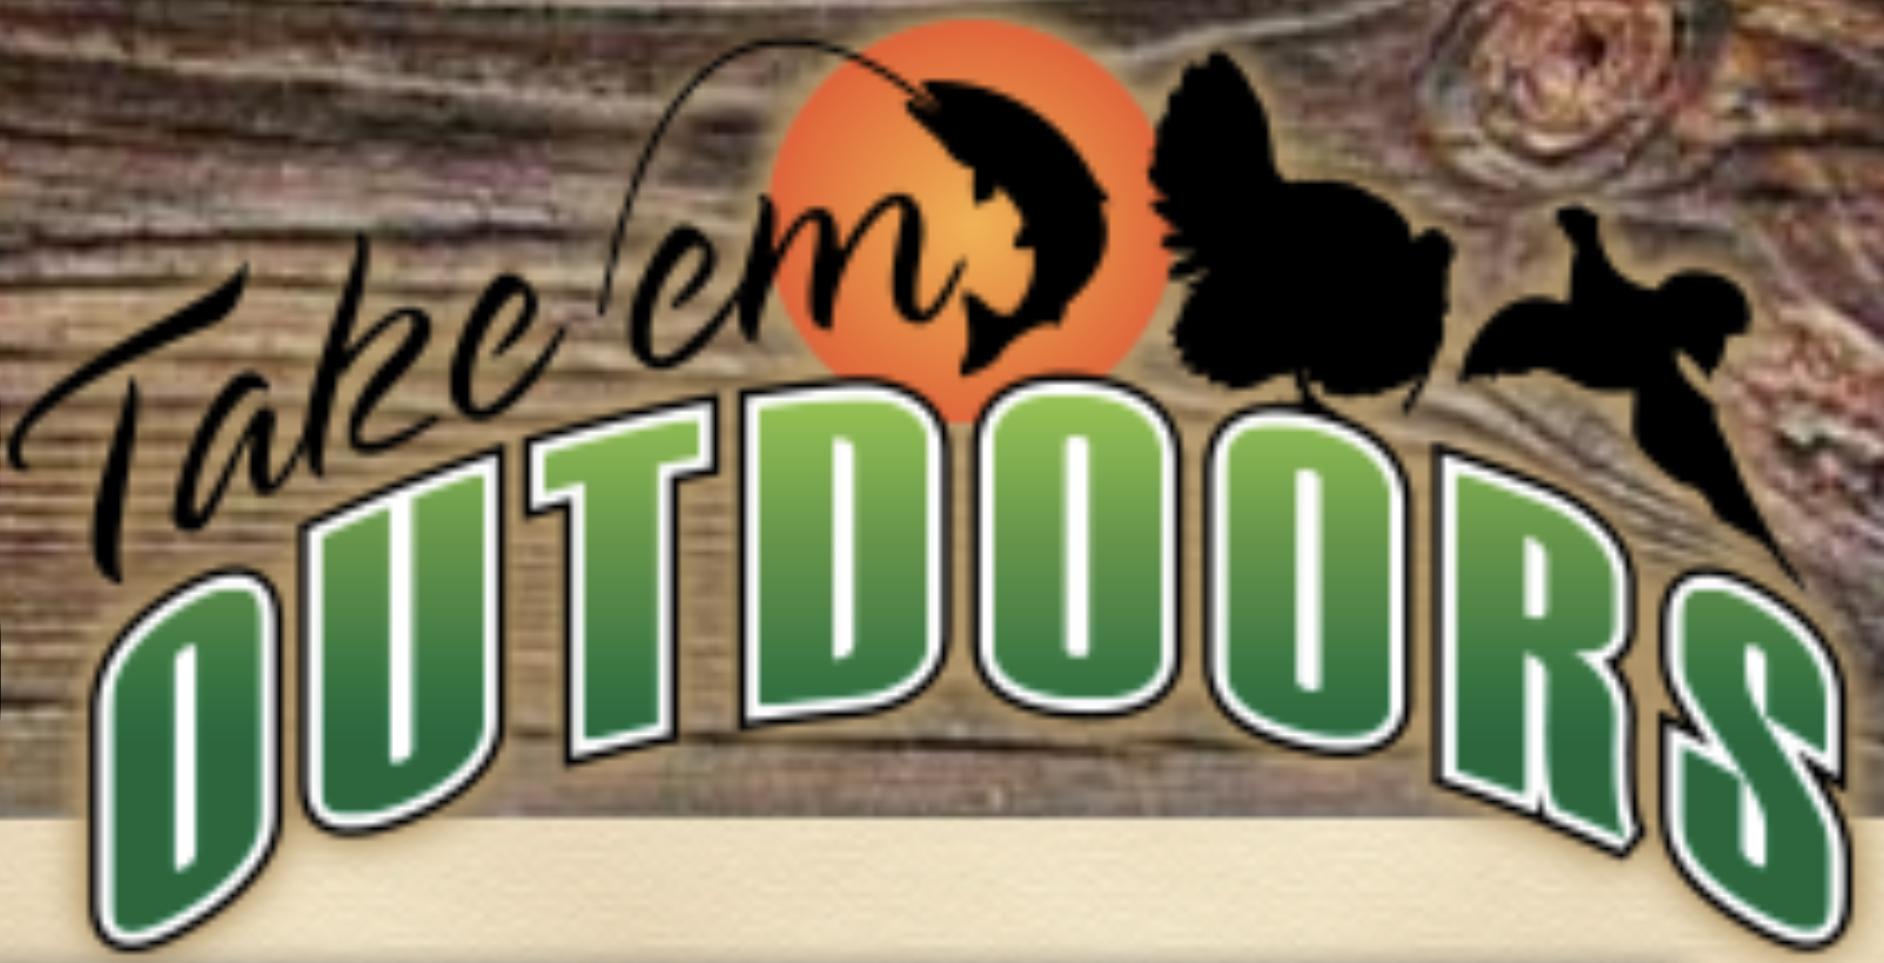 Take 'Em Outdoors